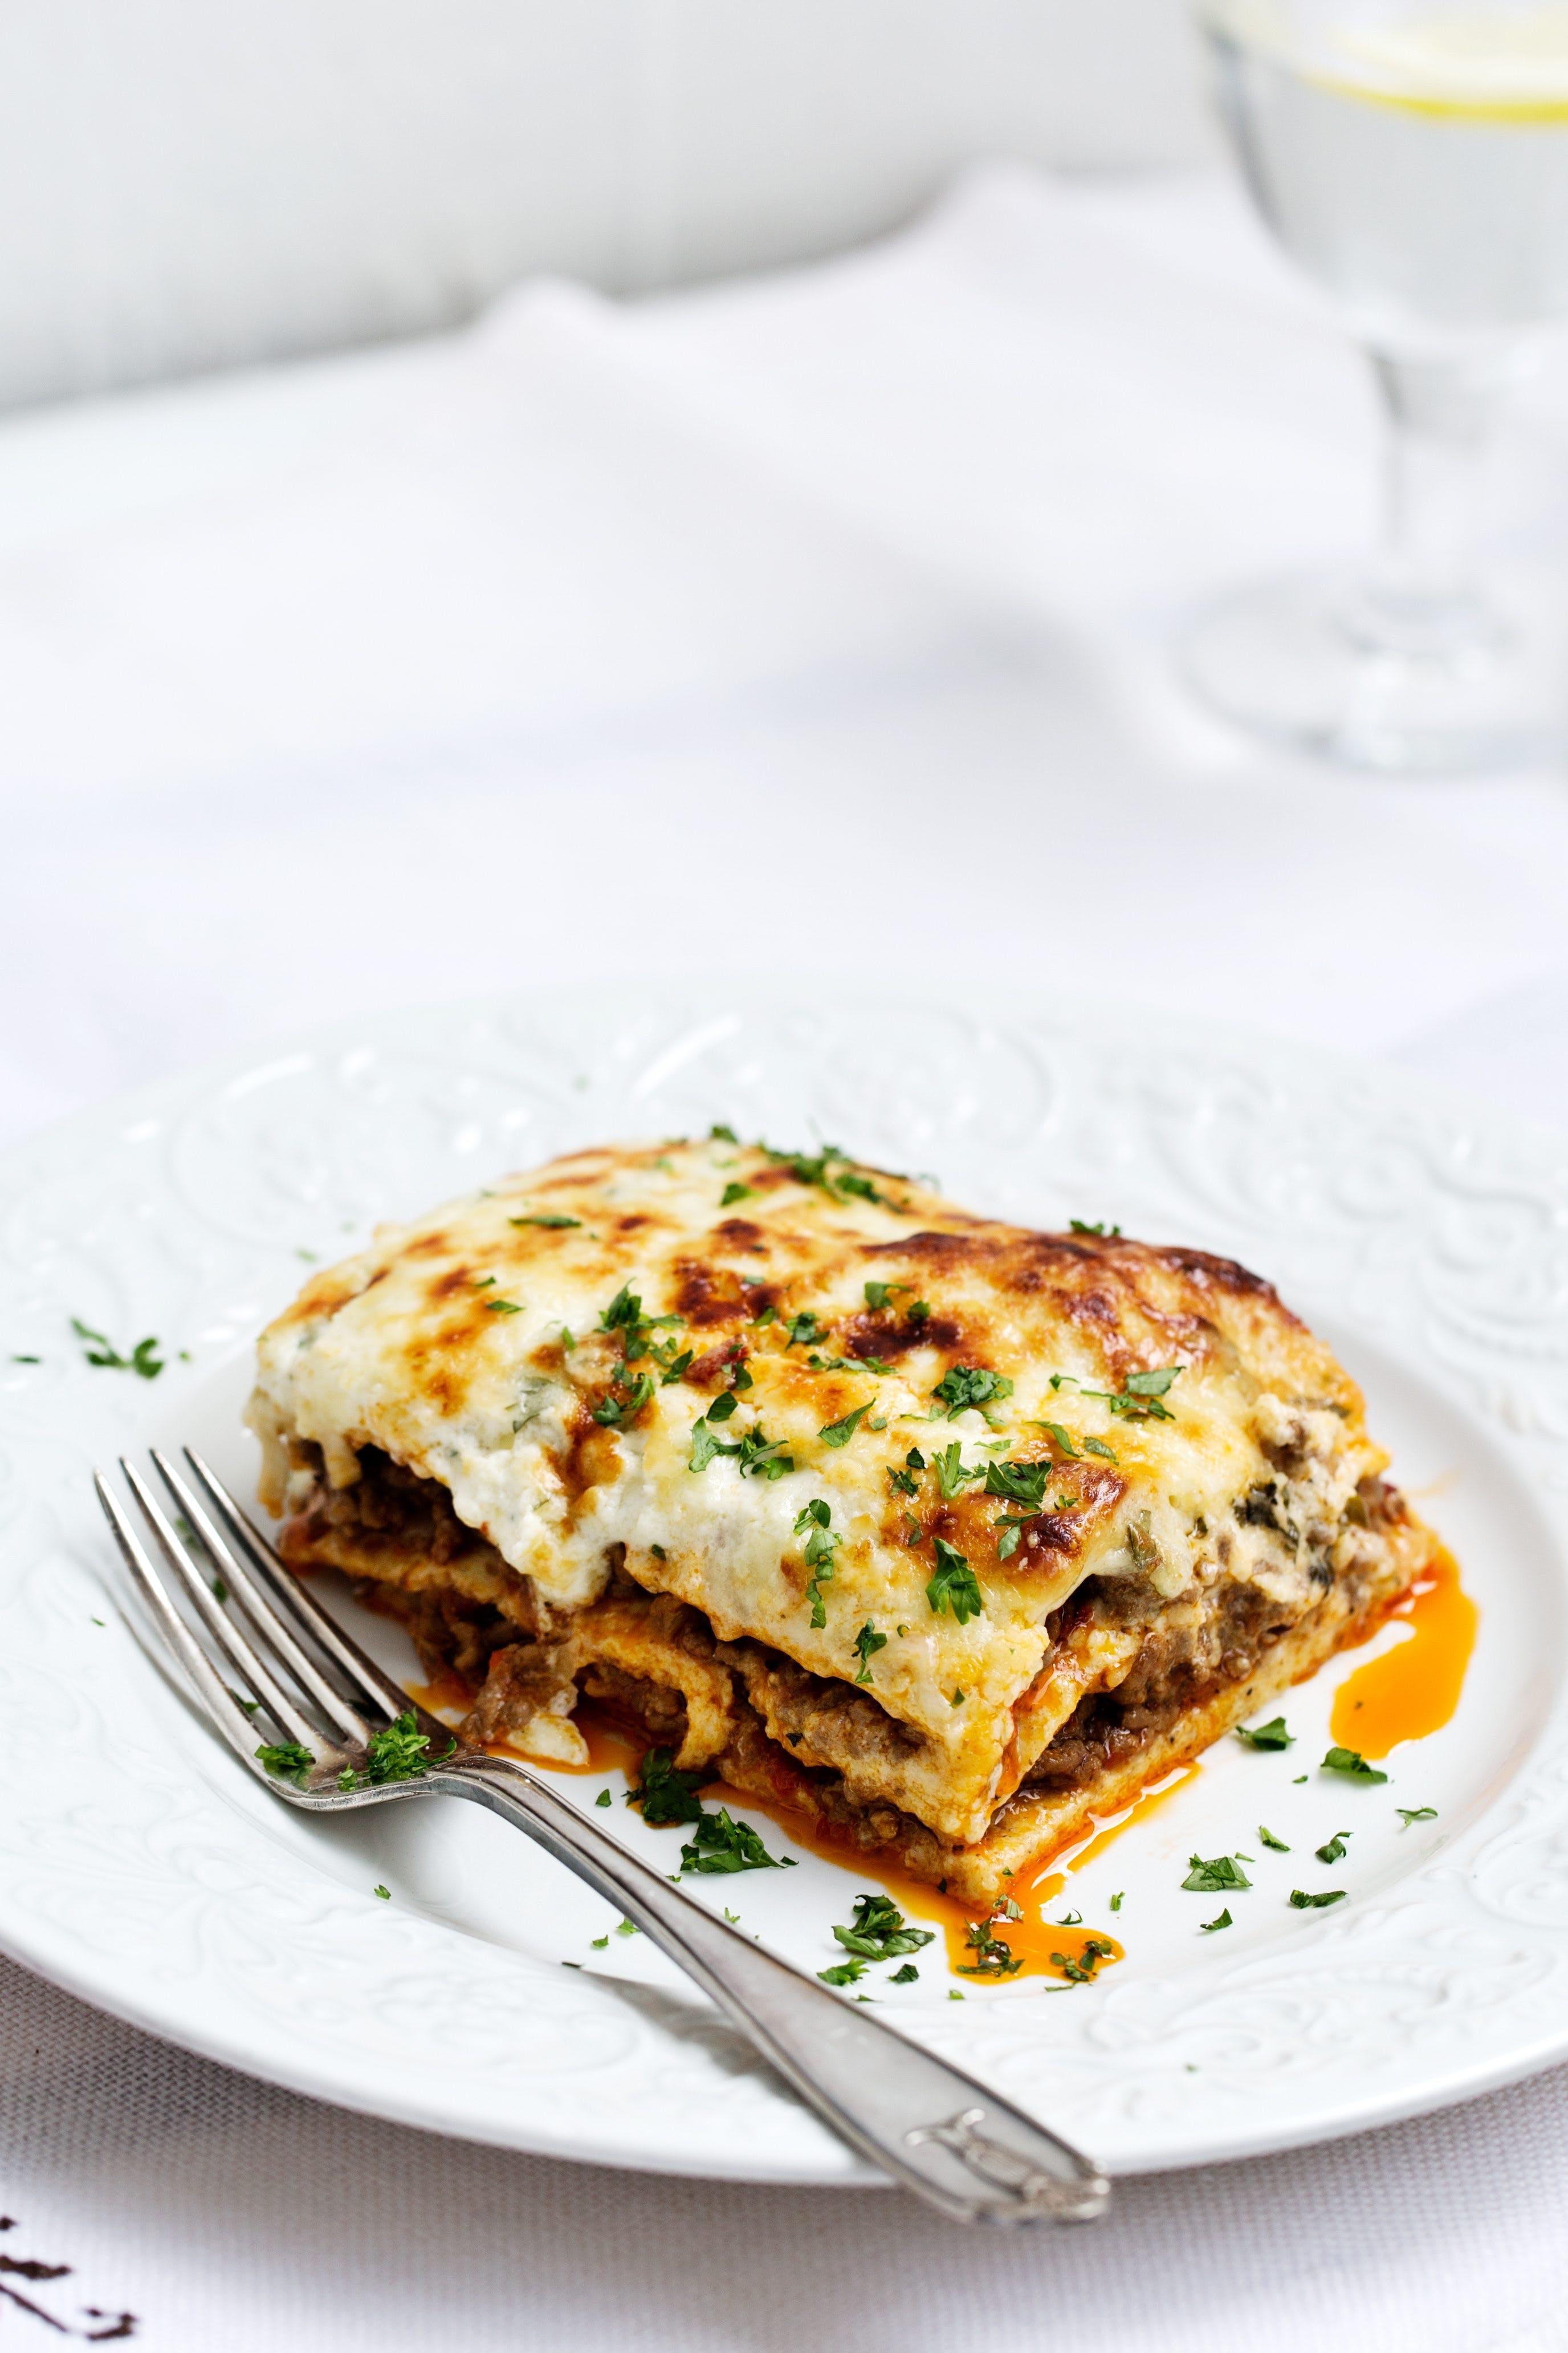 #10 top recipe of 2018: Keto lasagna